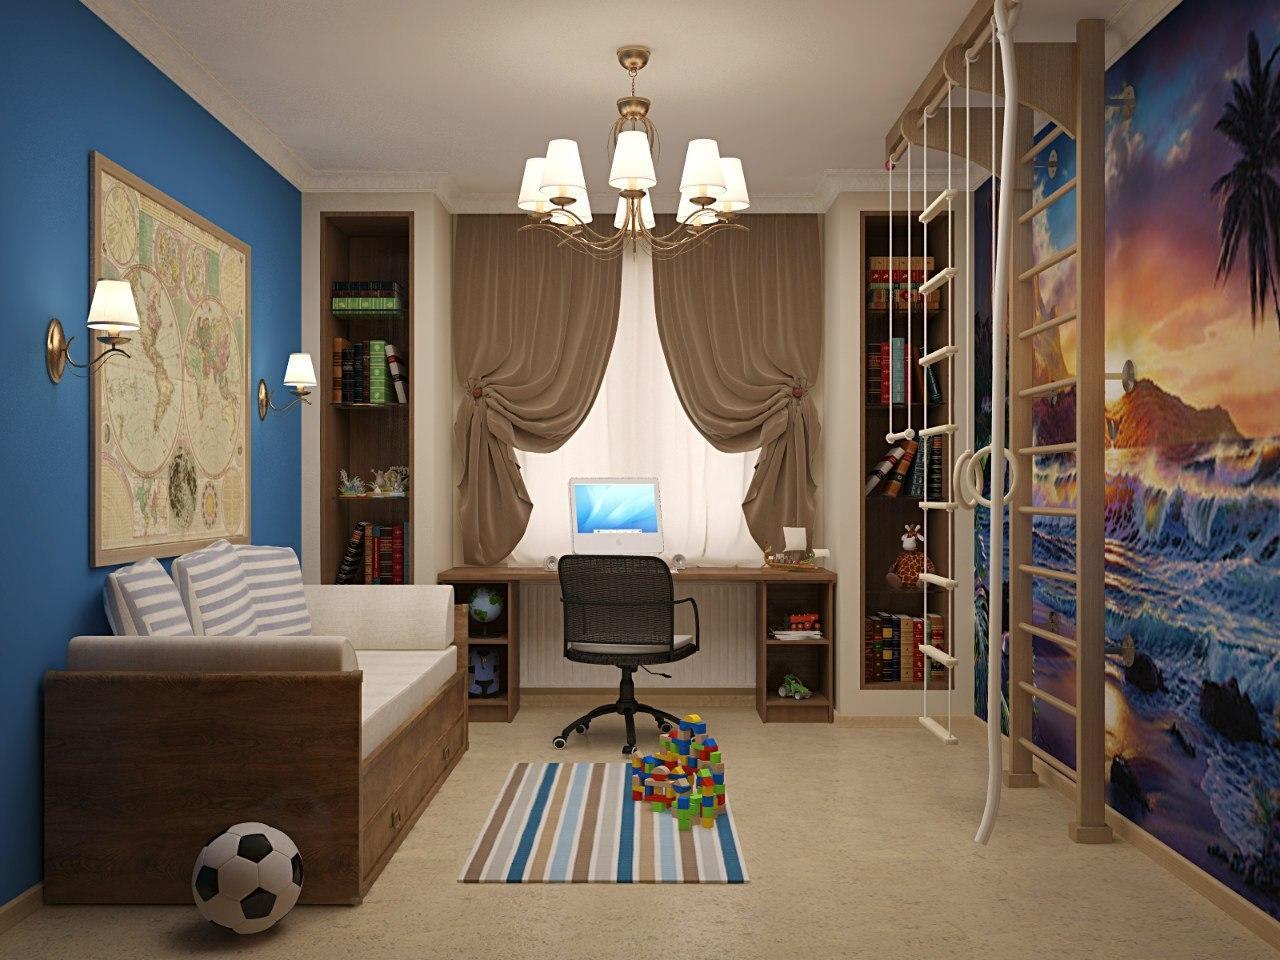 Незаменимыми предметами интерьера в мальчиковой спальне являются кровать, письменный стол, небольшой шкаф и спортивный уголок